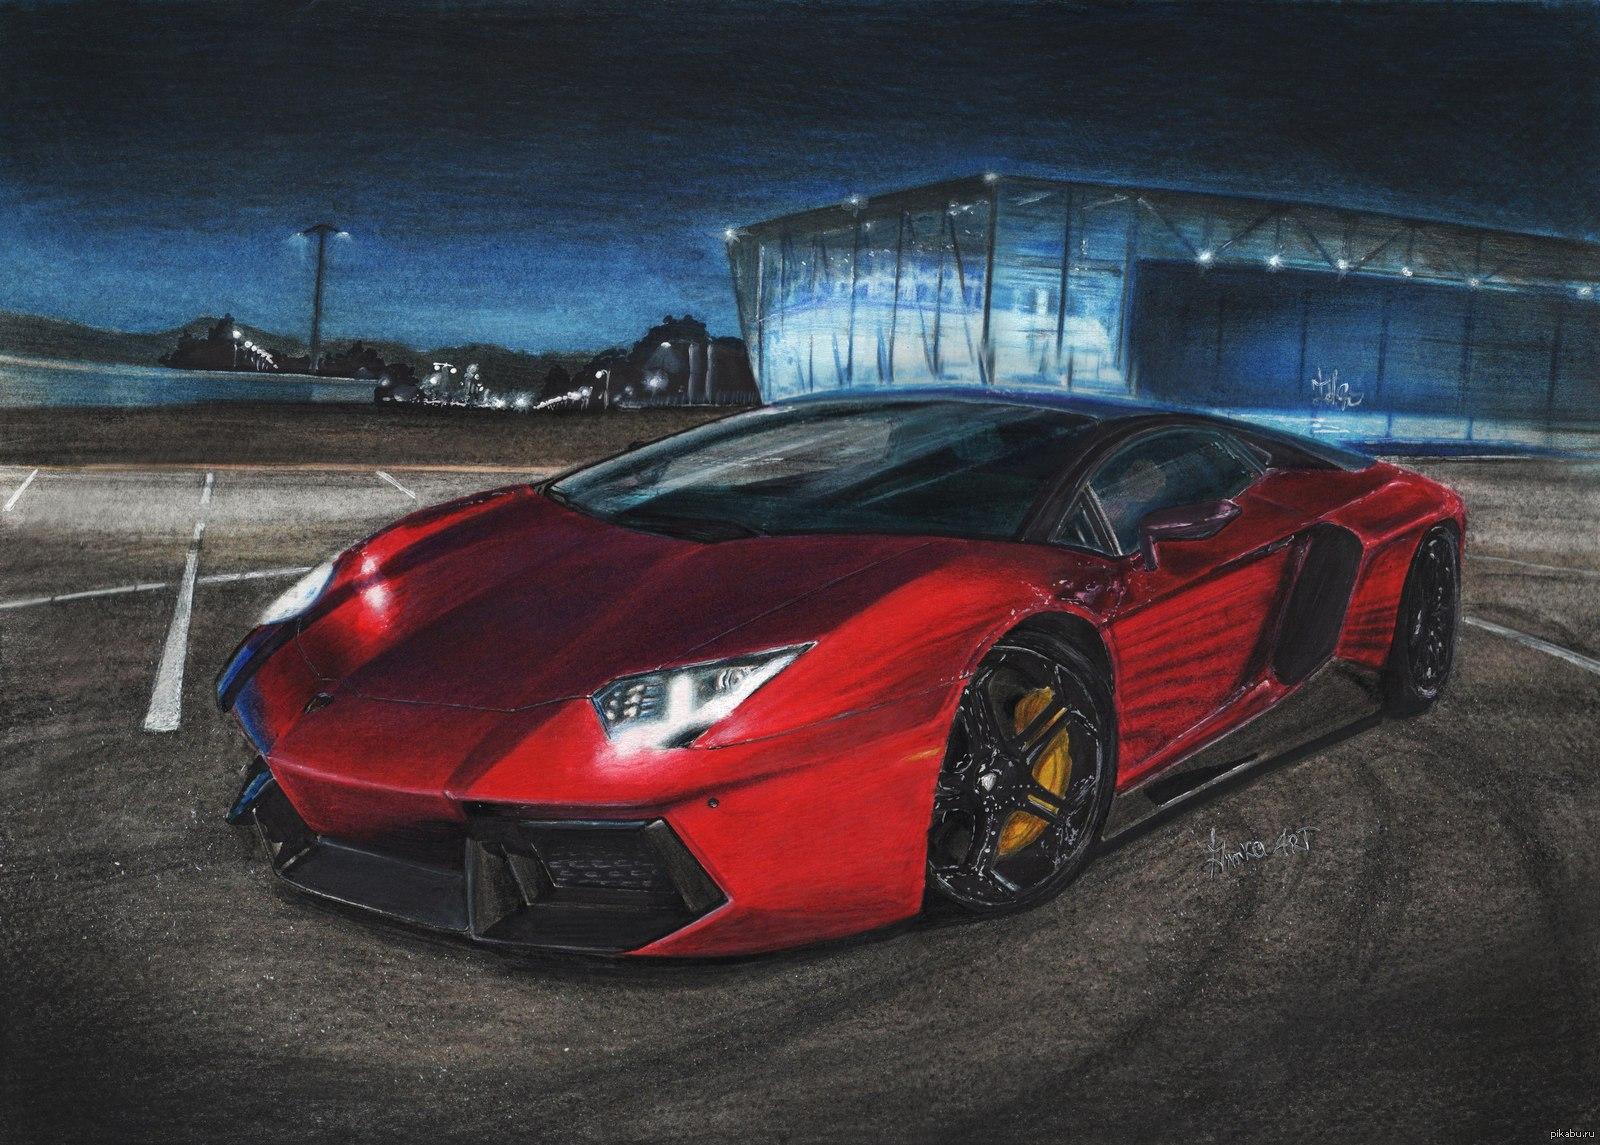 картинки машины которые нарисовали обязан